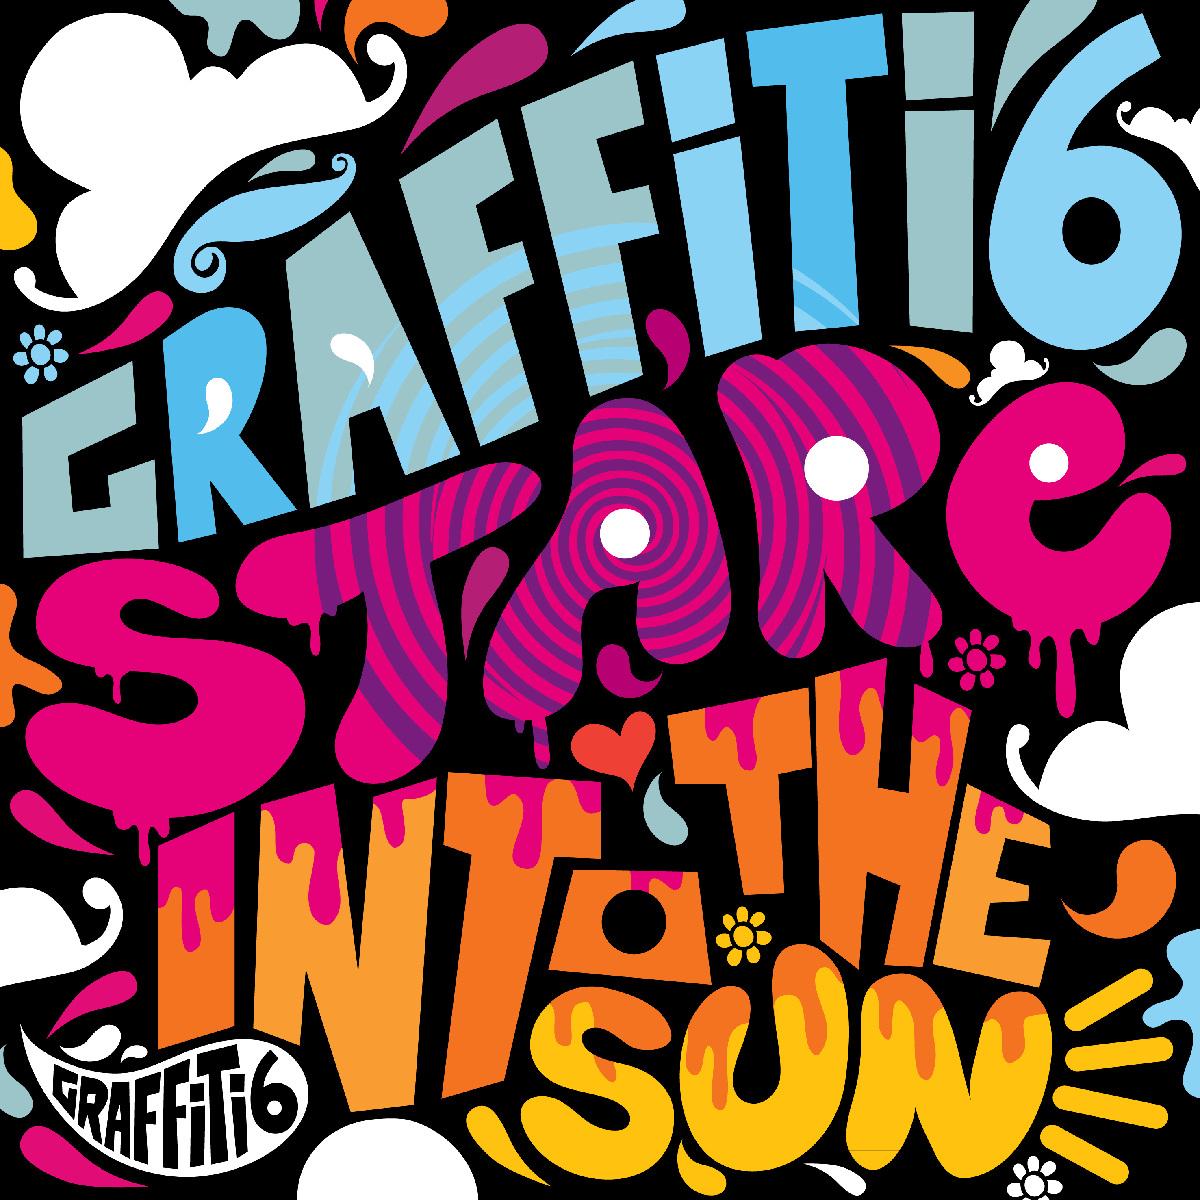 Stare Into The Sun by Graffiti6